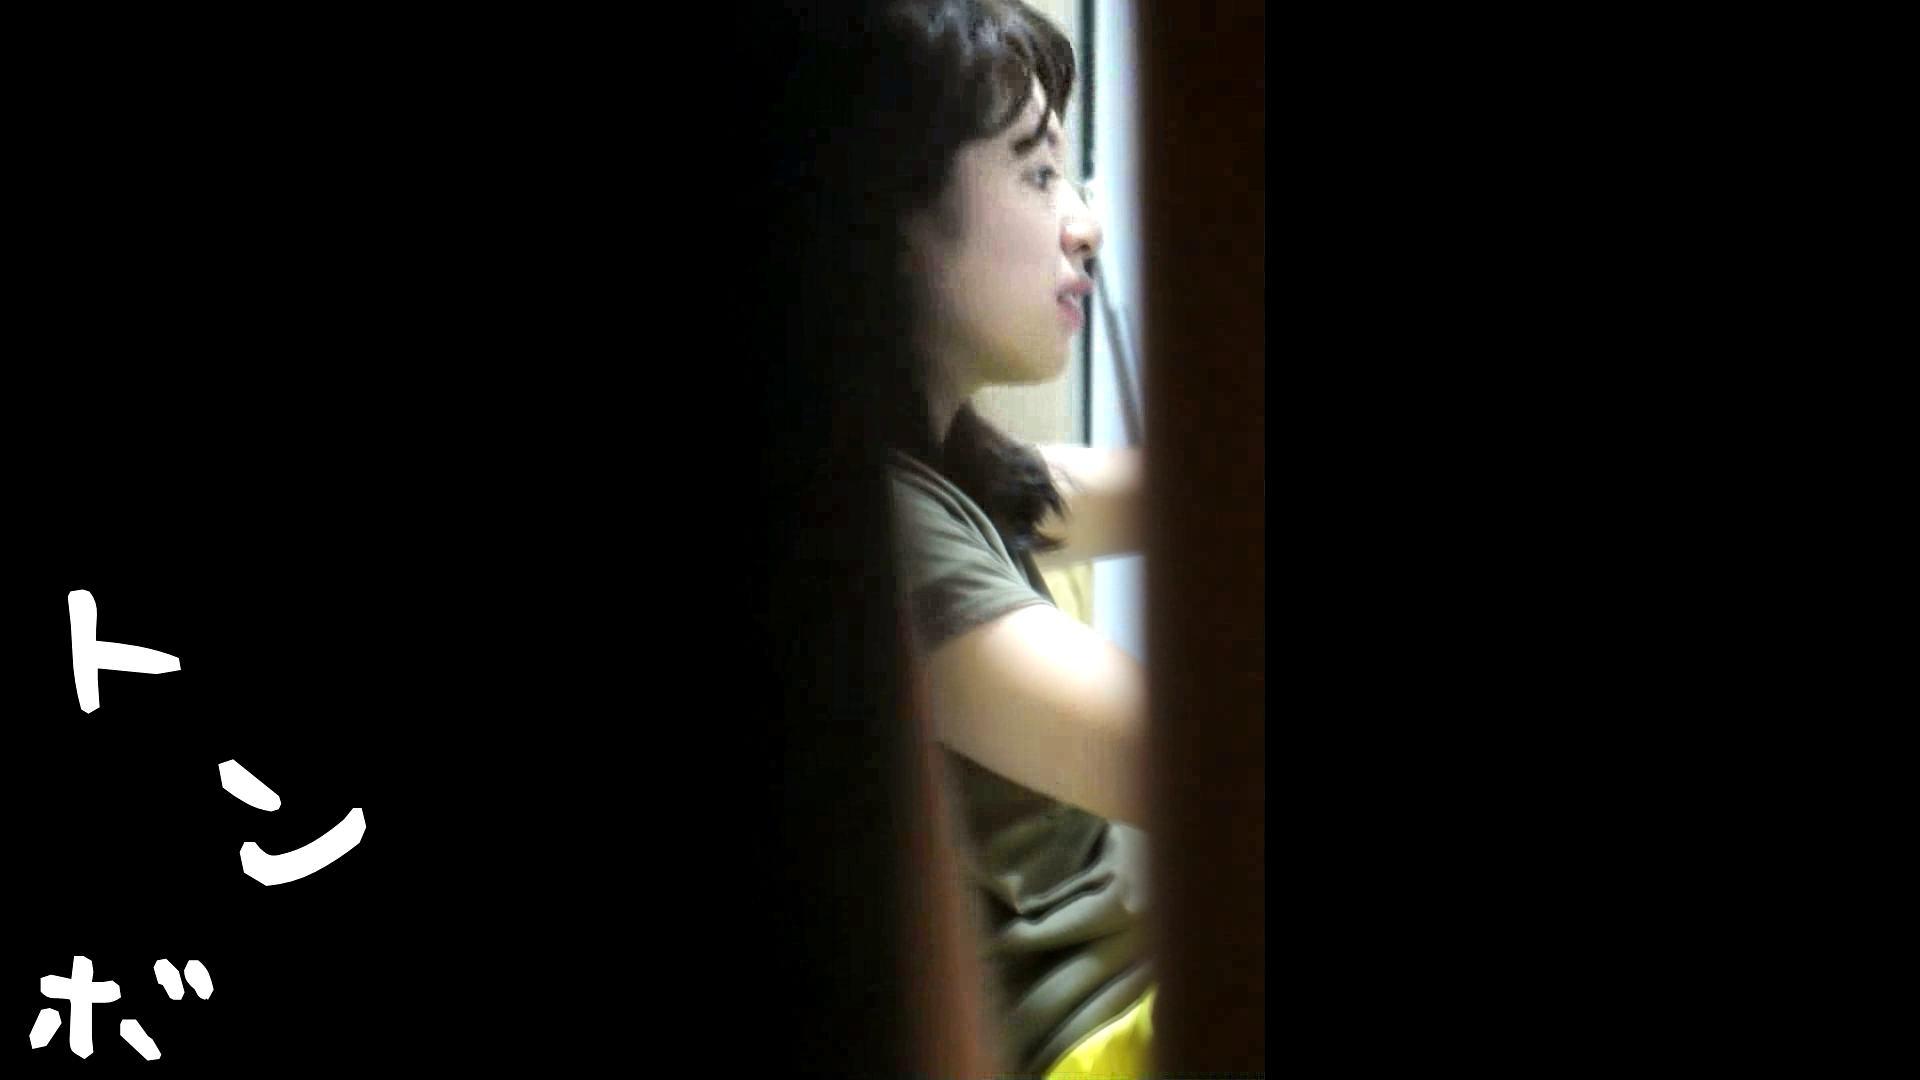 リアル盗撮 ピアスが可愛い一人暮らし女子大生の部屋ヌード 桃色乳首  94PIX 4